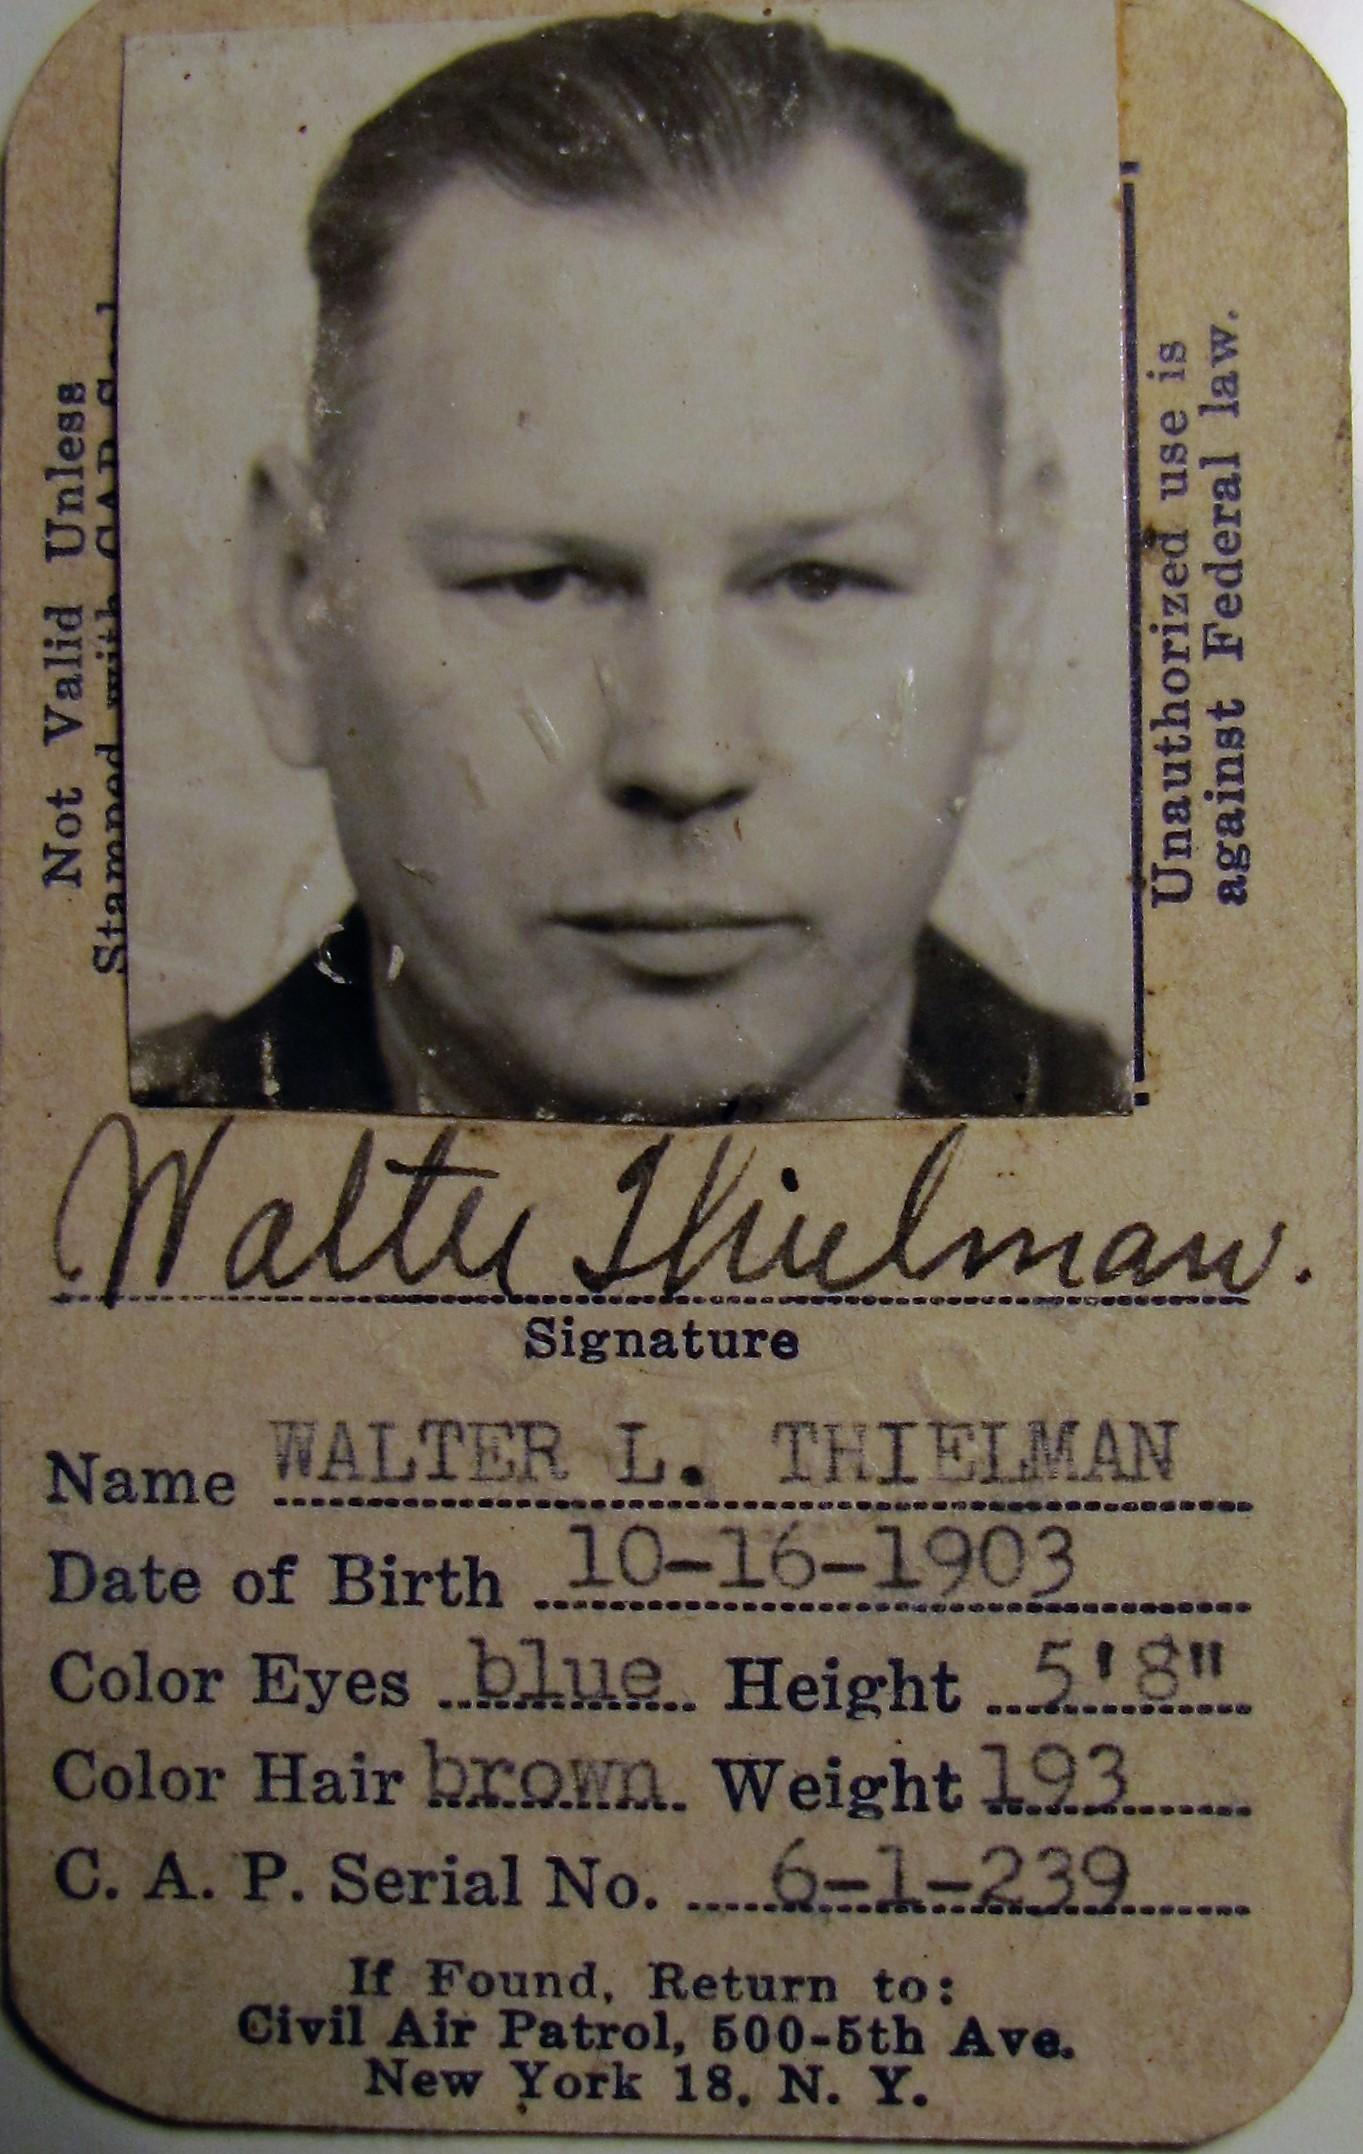 Civil Air Patrol Card, Walter Thielman